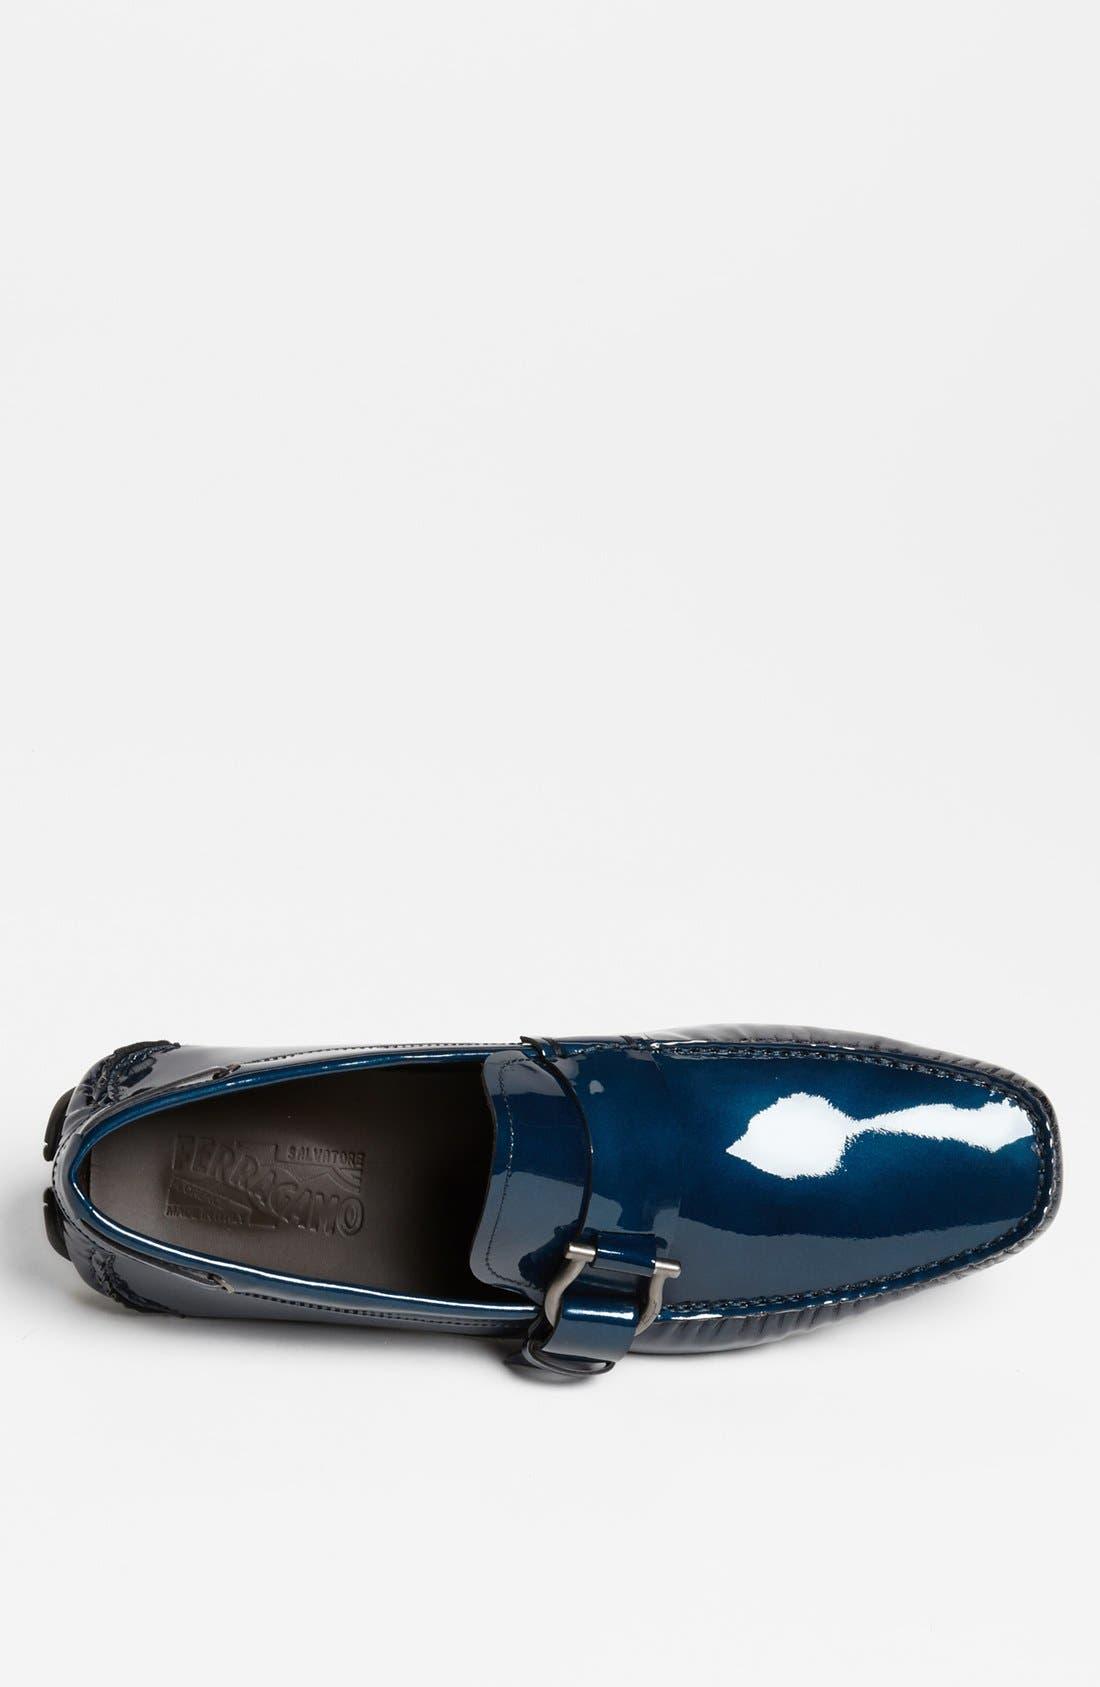 Alternate Image 3  - Salvatore Ferragamo 'Cabo' Driving Shoe